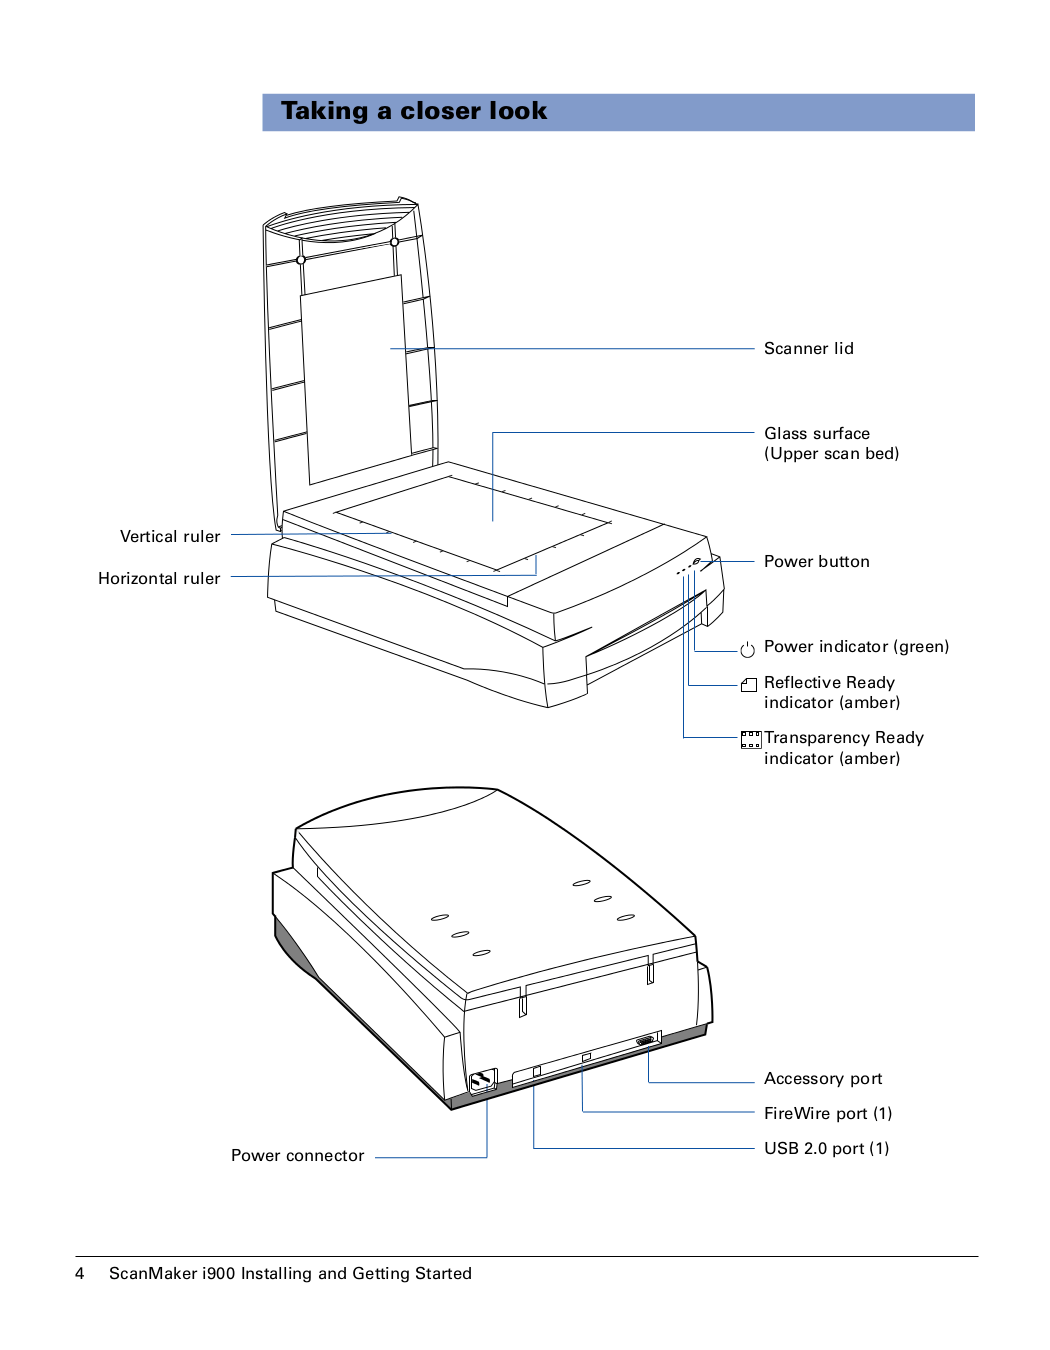 PDF manual for Microtek Scanner ScanMaker 5800